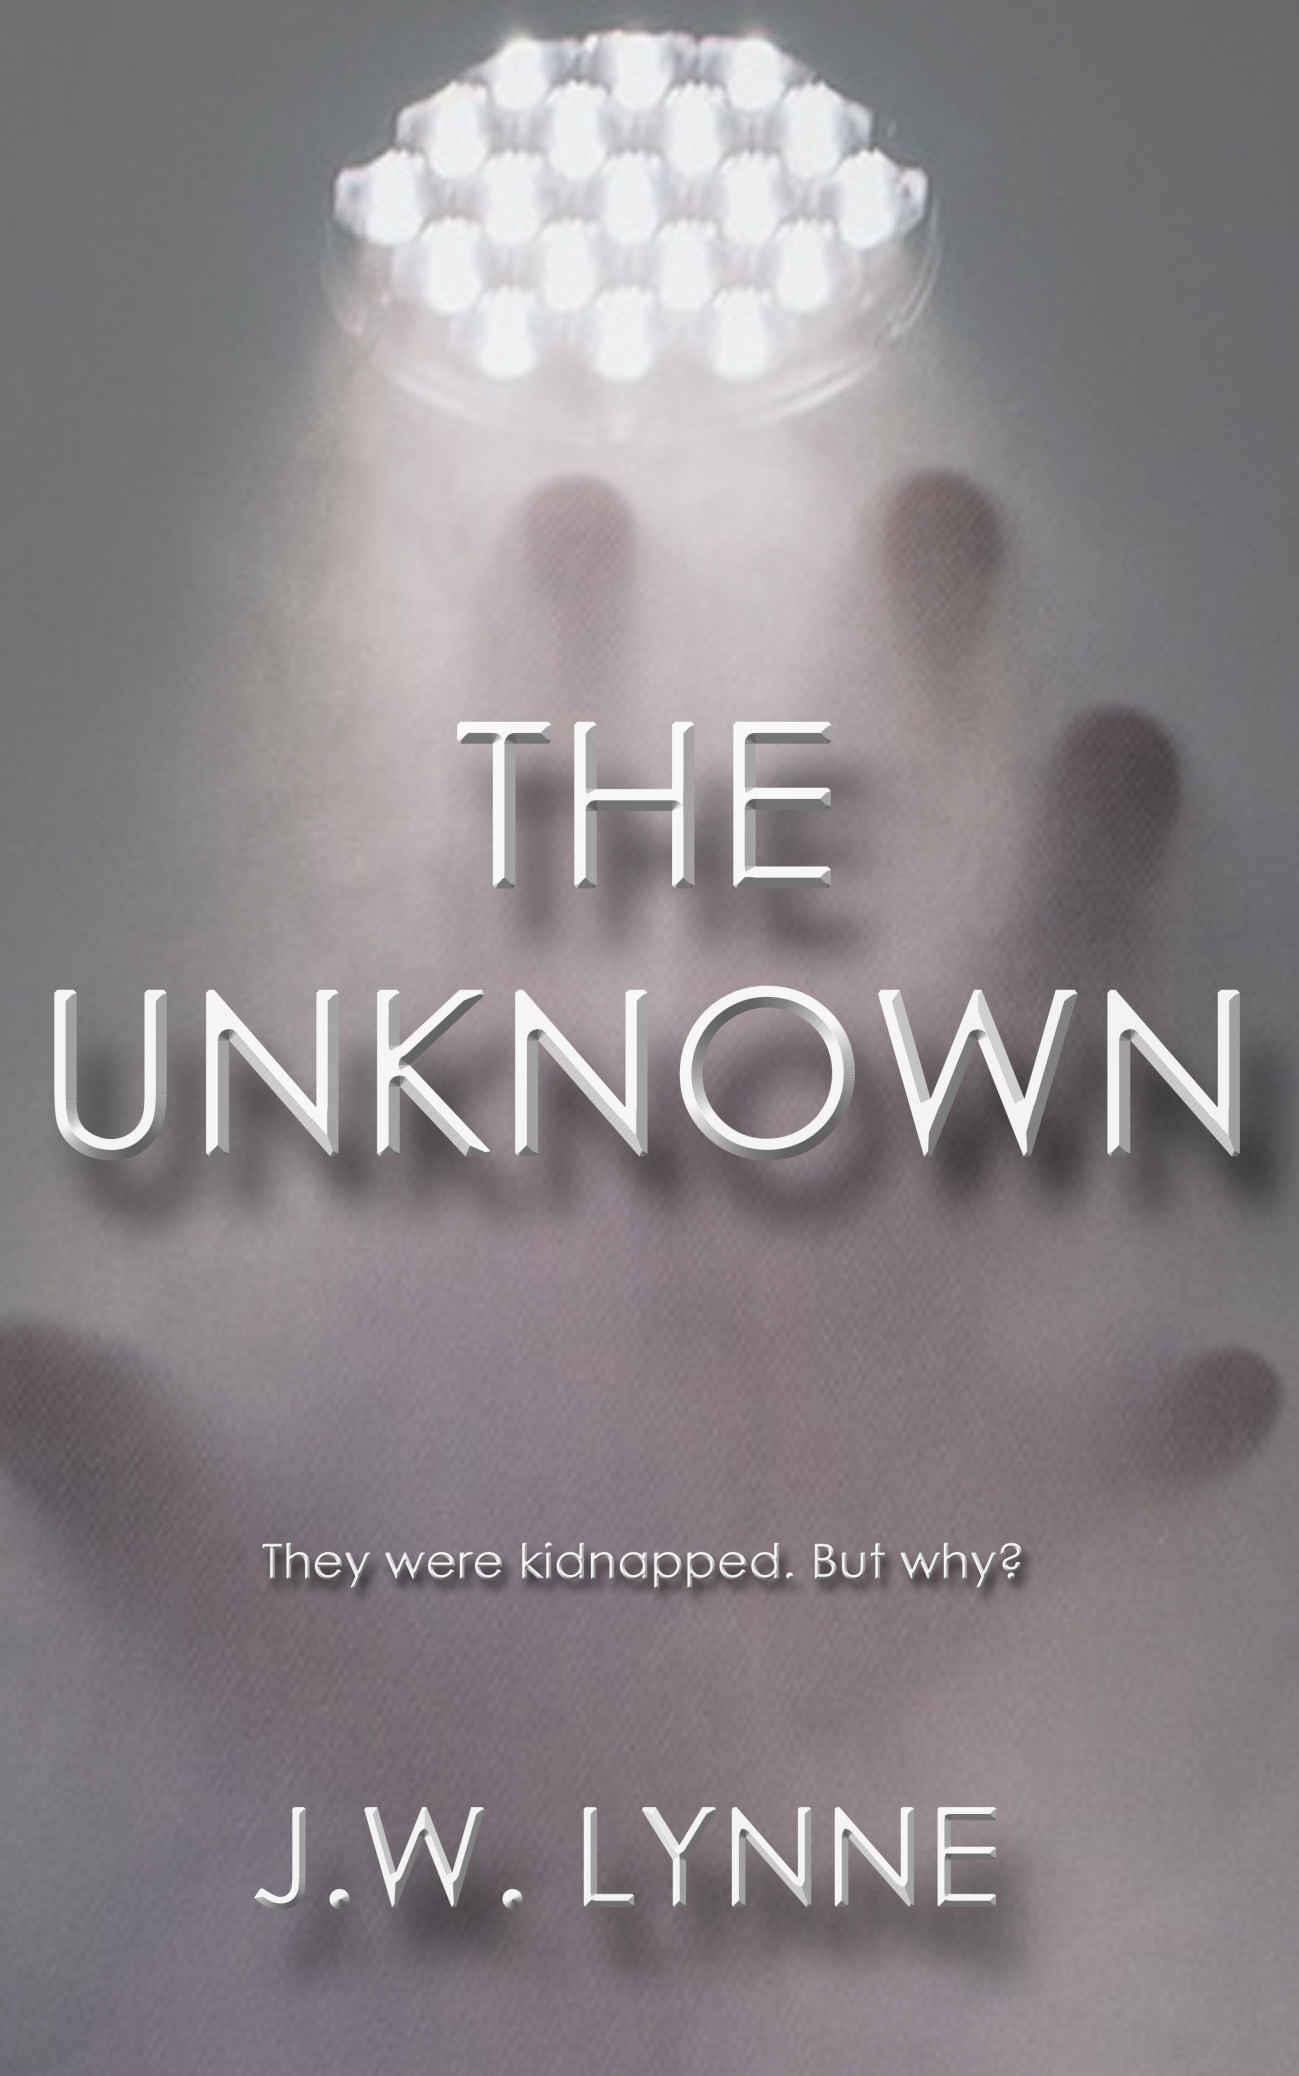 The Unknown by J.W. Lynne